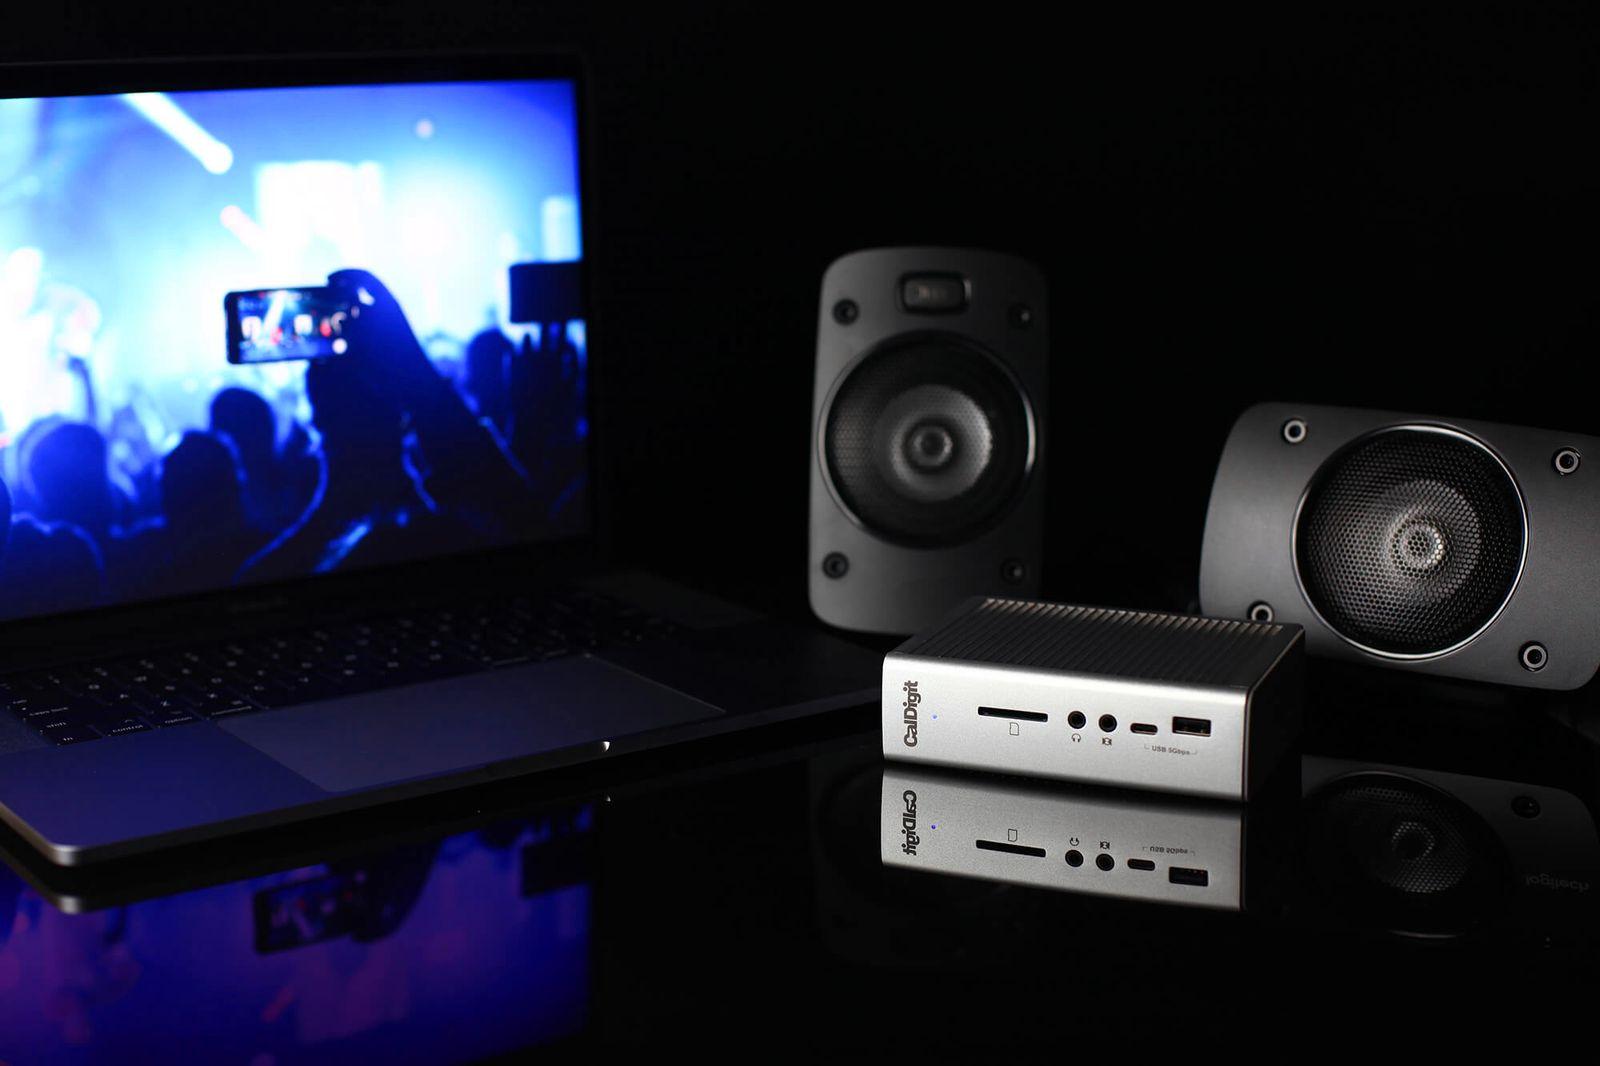 Recensione Caldigit TS3 Plus, il vero All-in-One per Mac e PC